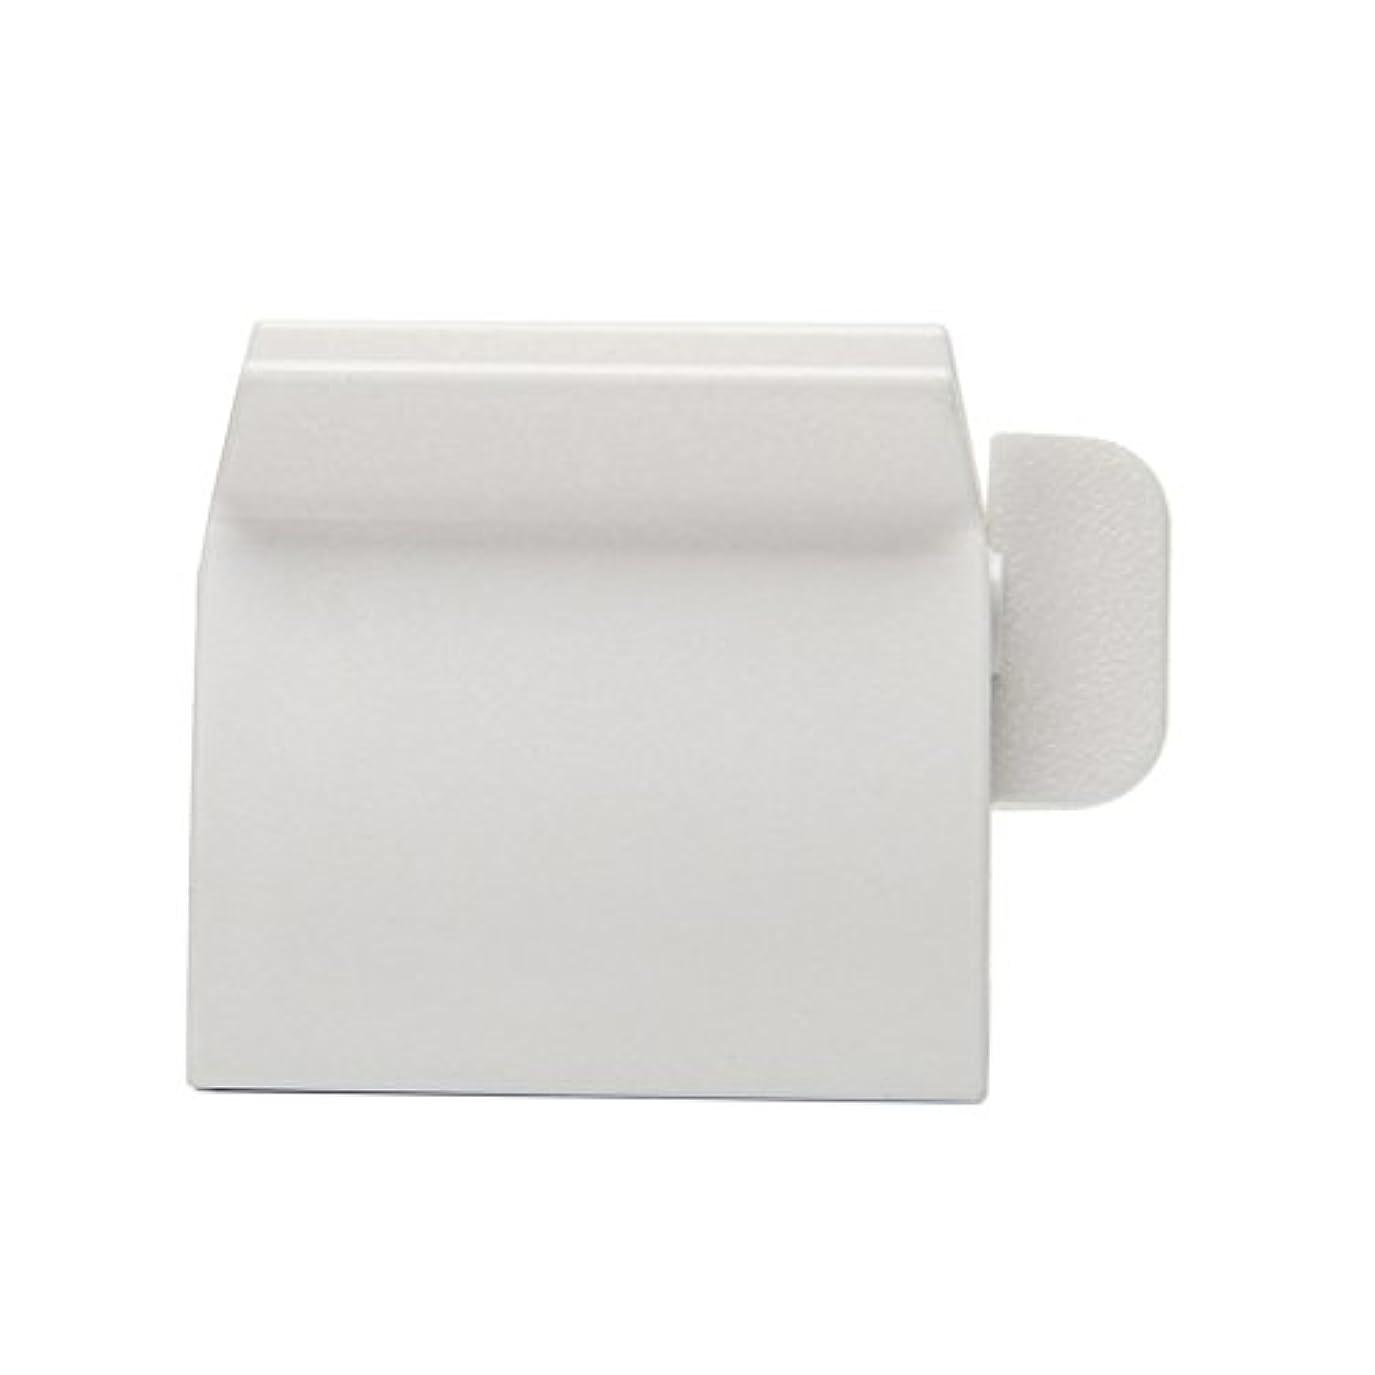 スプーンニコチン死ぬLamdoo浴室ホームチューブローリングホルダースクイーザ簡単歯磨き粉ディスペンサー